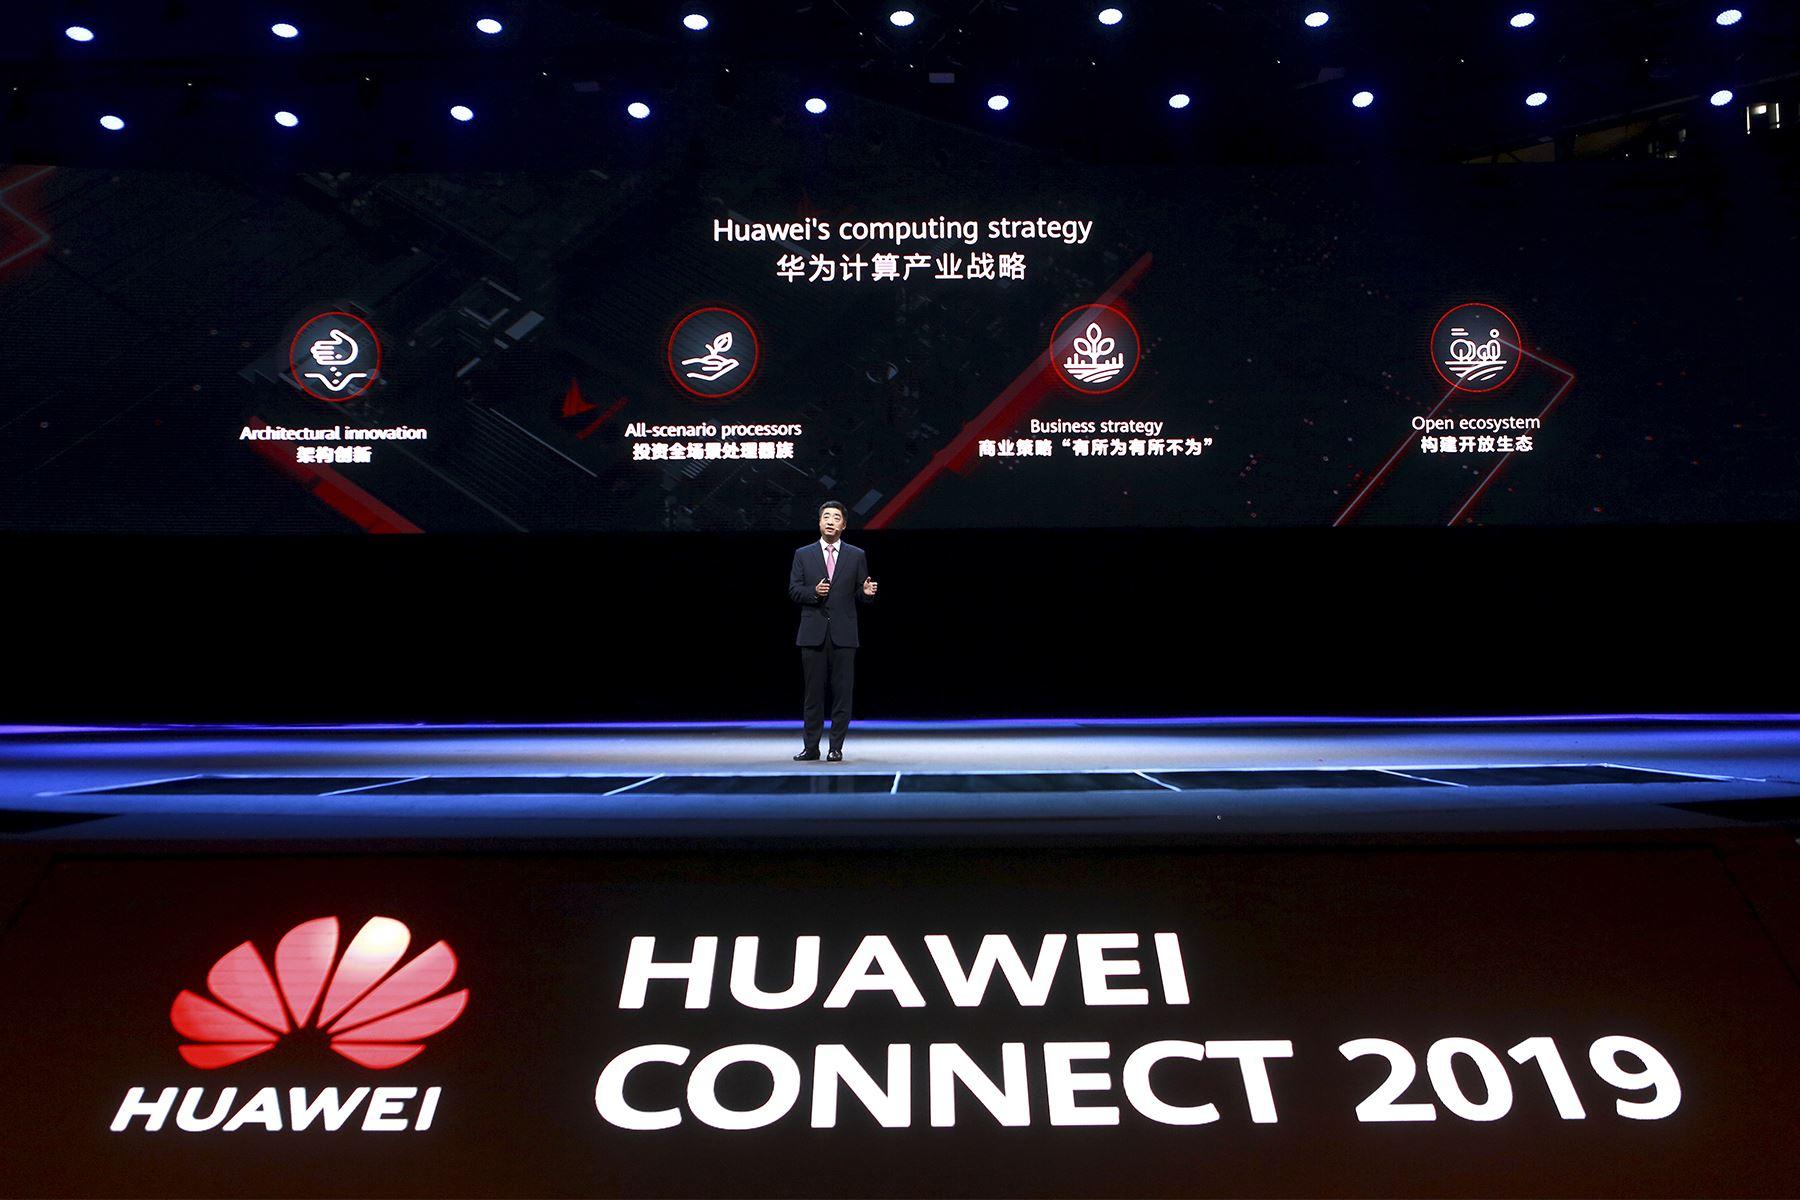 La computación inteligente representará más del 80% de la potencia informática utilizada en el mundo en los próximos cinco años, según un estudio de Huawei.